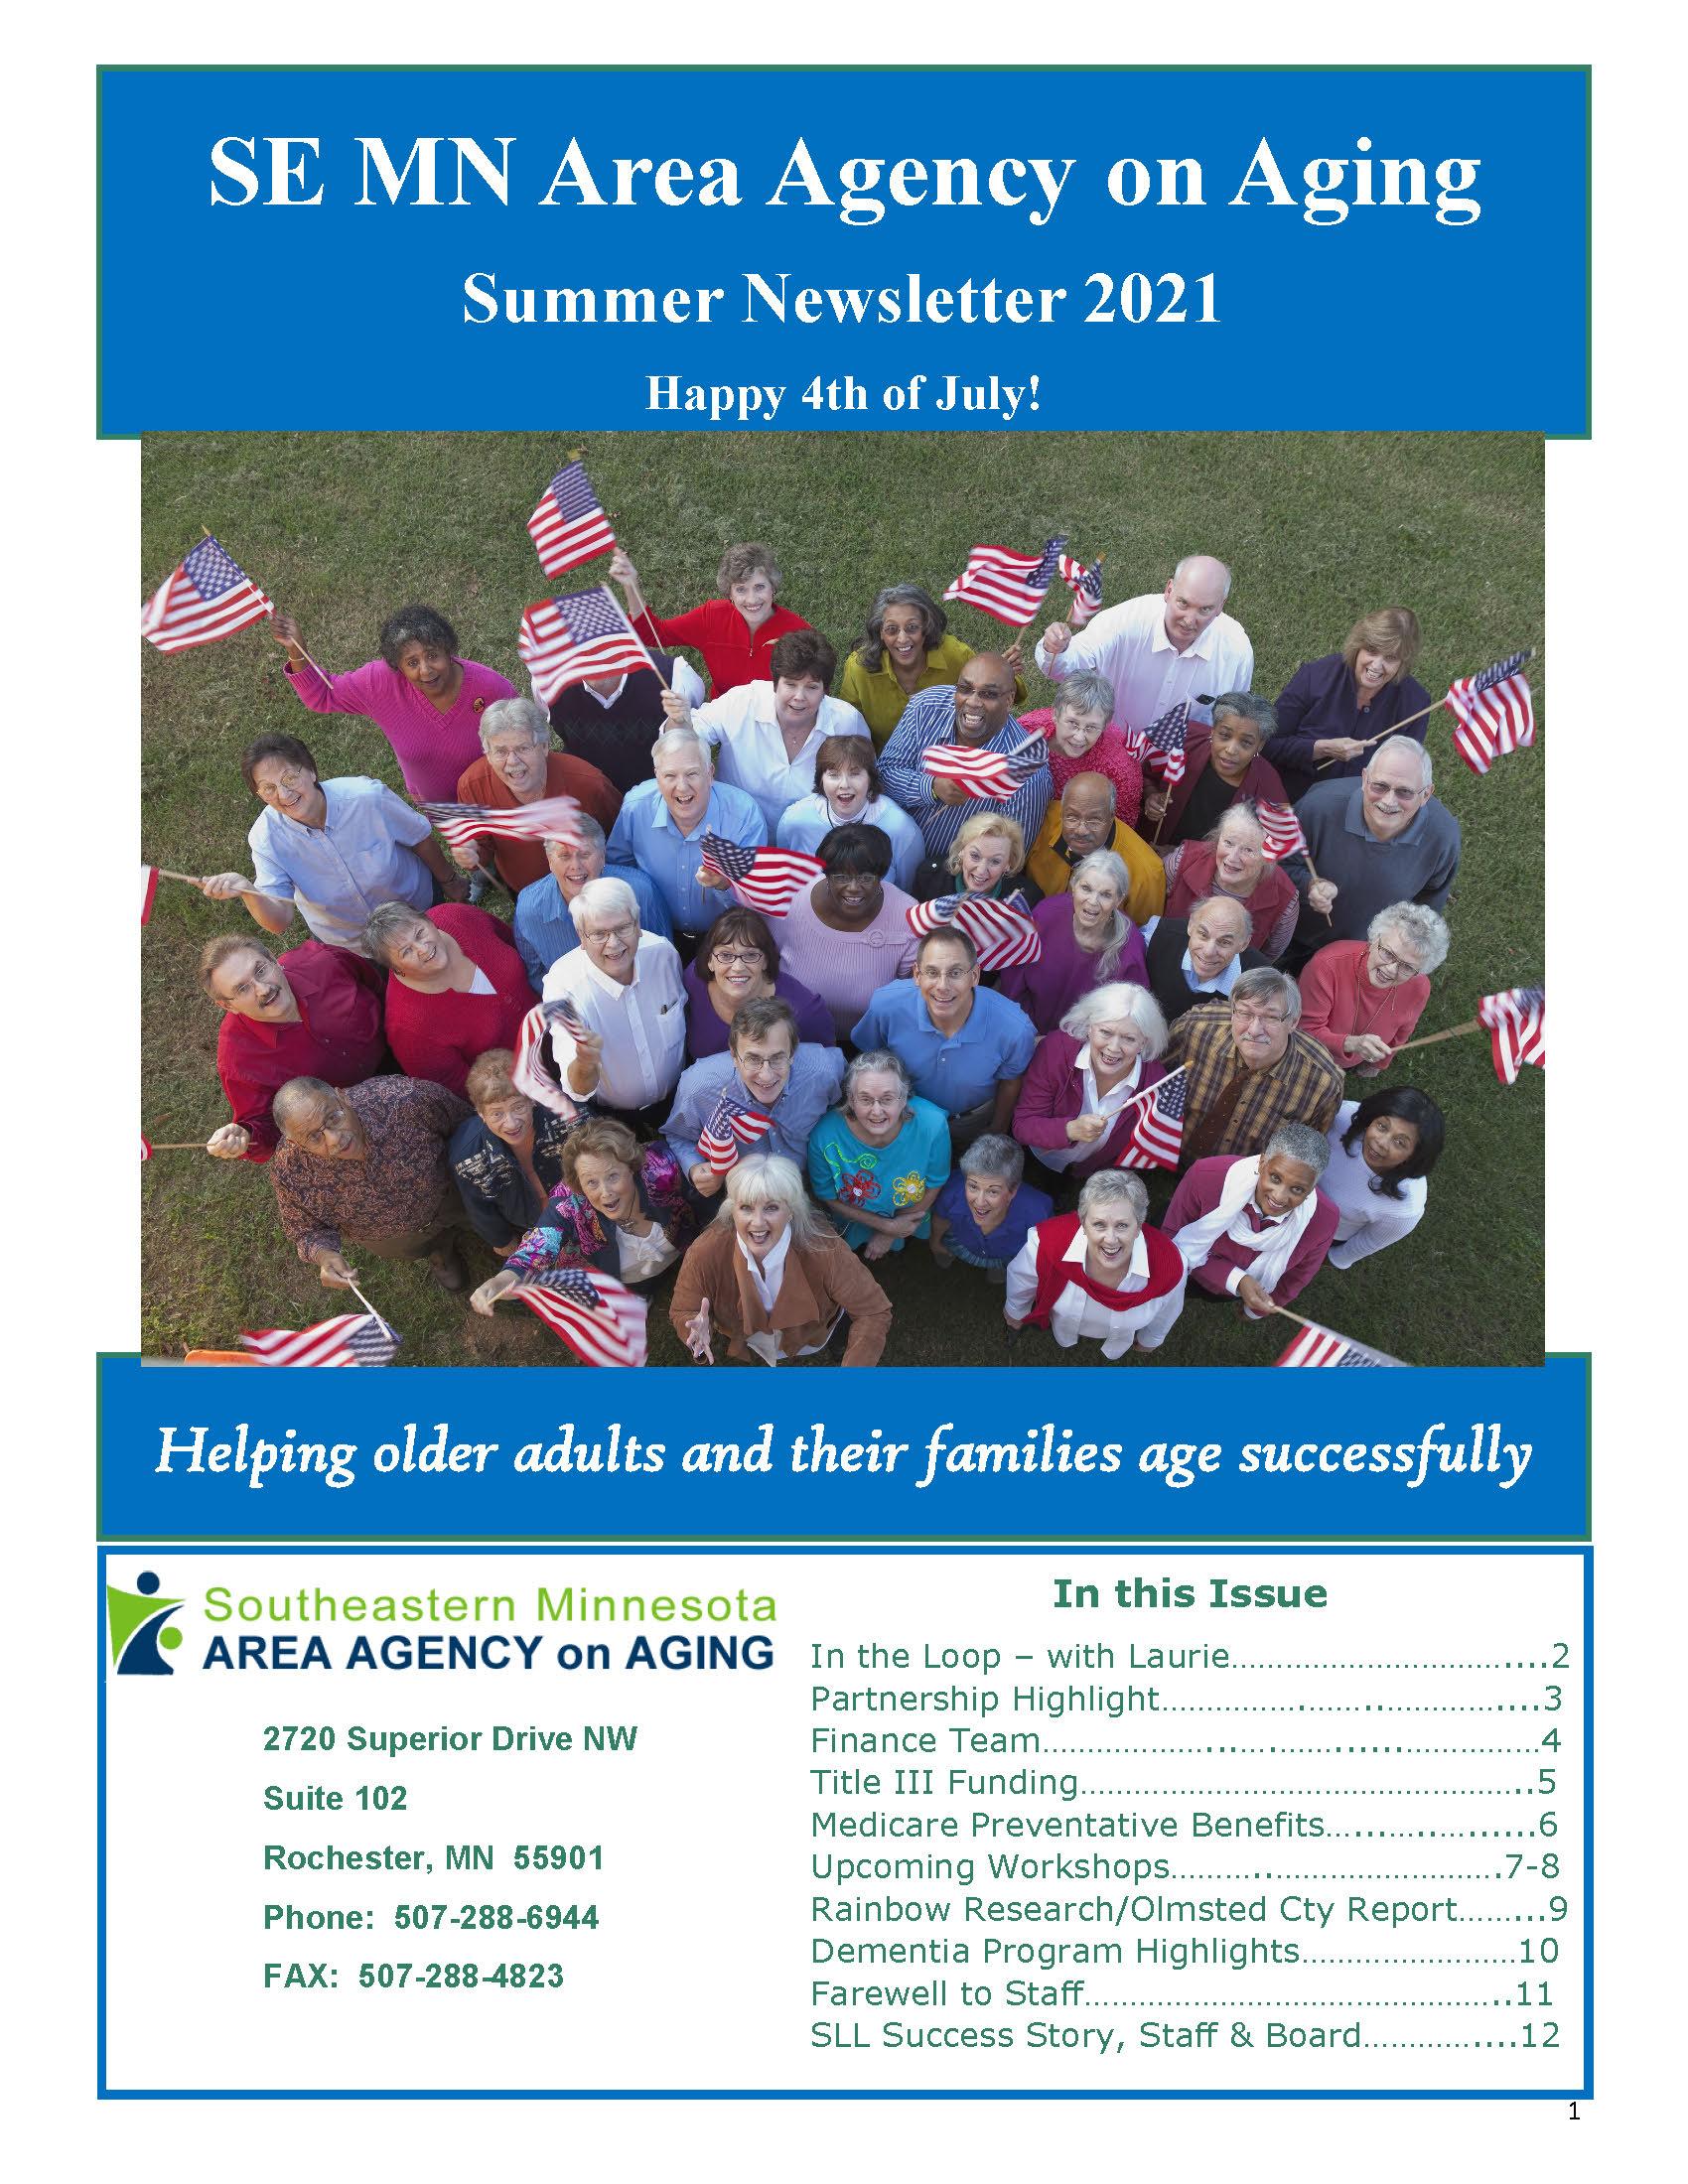 SEMAAA Summer 2021 Newsletter